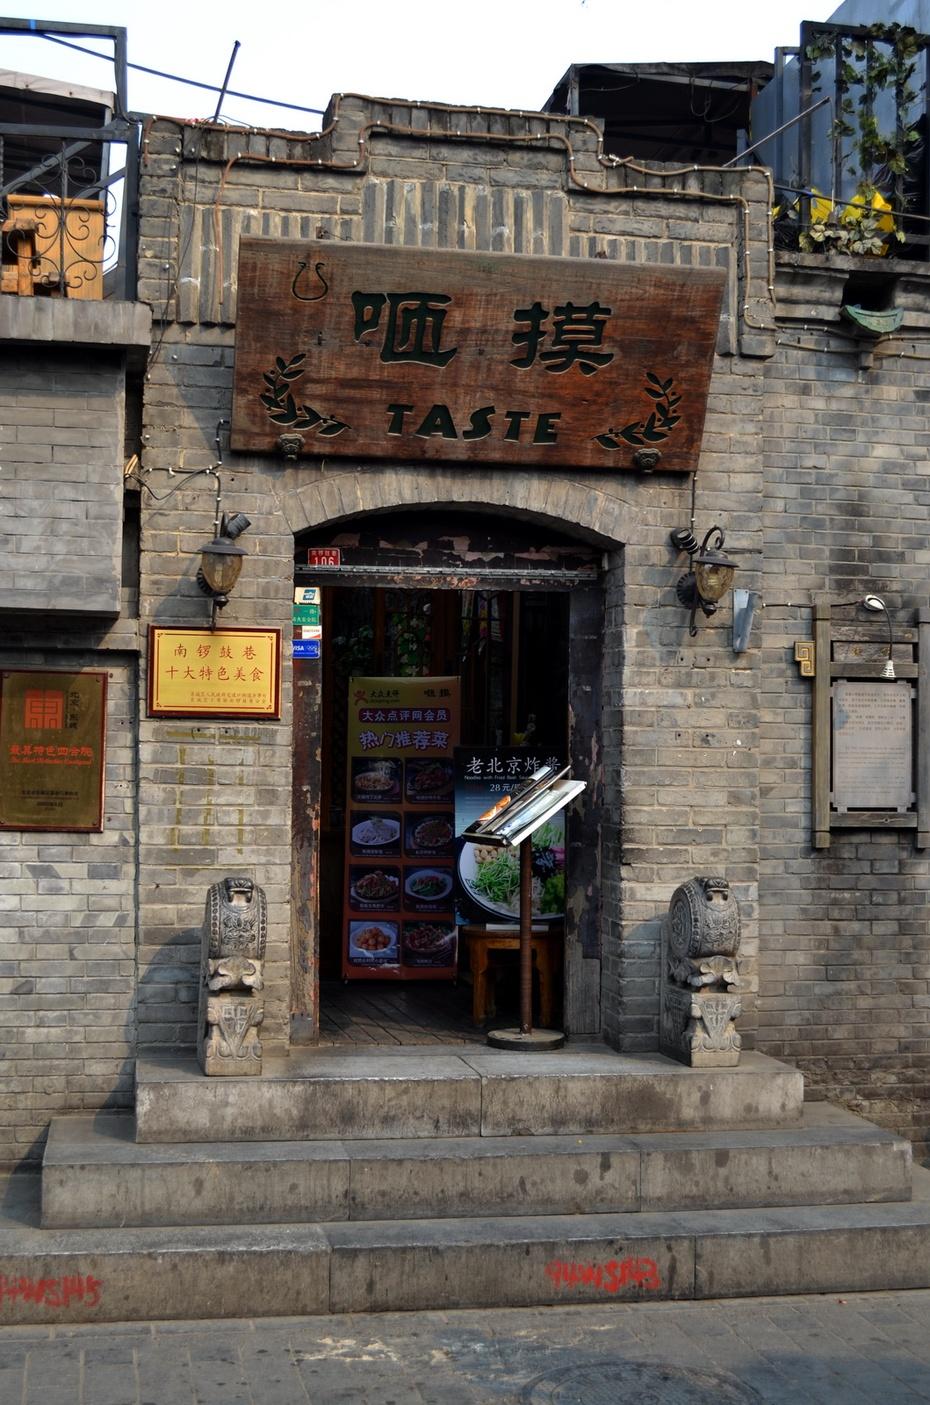 匆匆过后海·北京印象(十)      李建华 - 852农场3分场知青 - 852农场3分场(20团3营)知青网